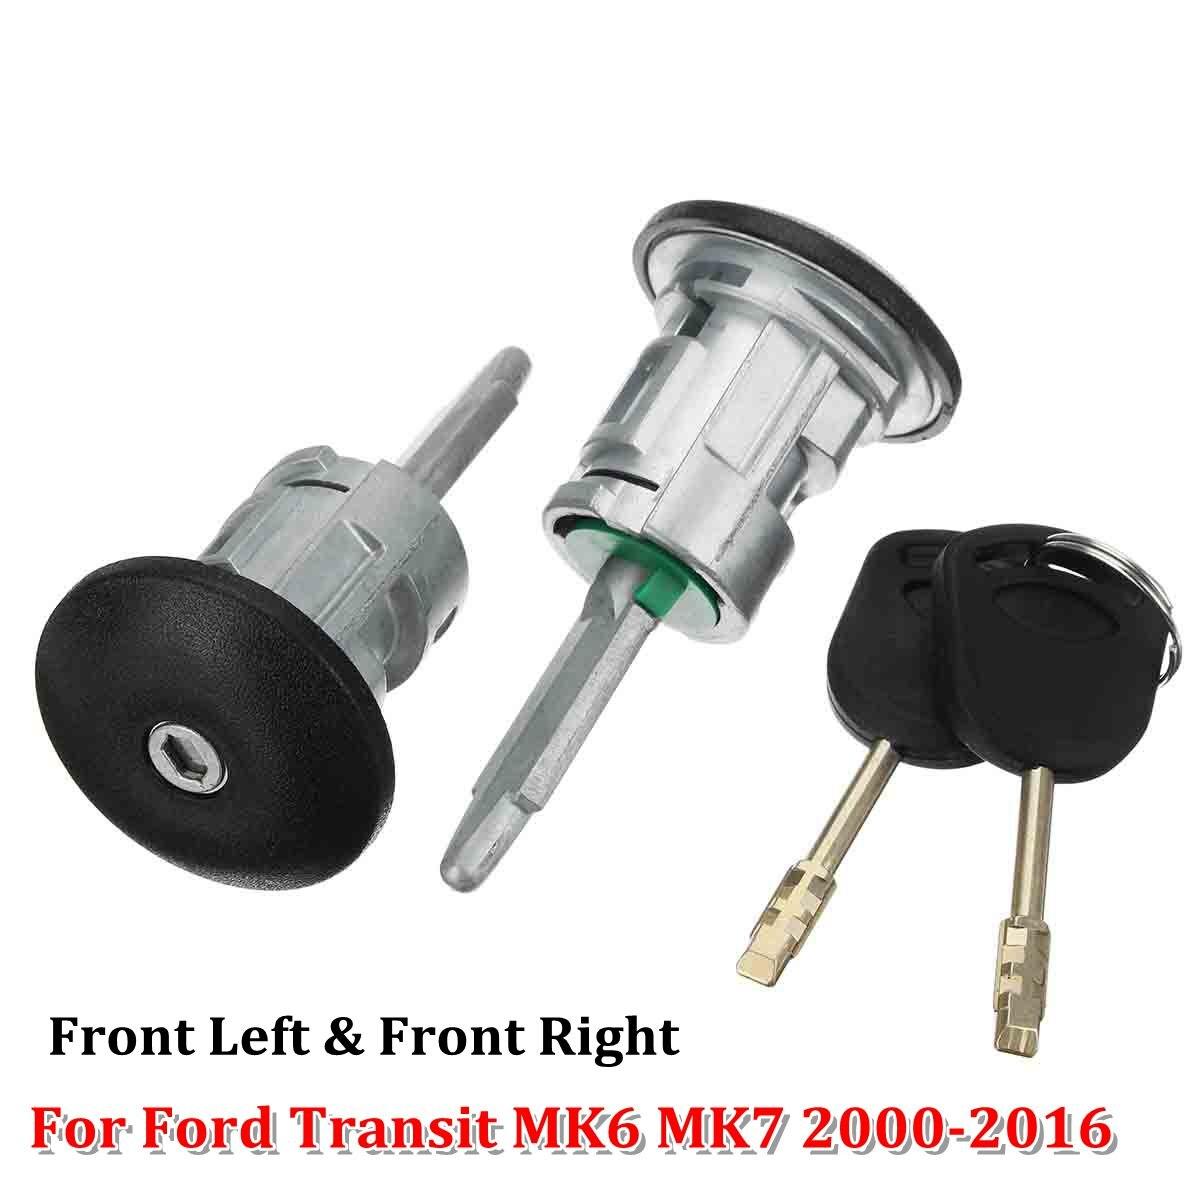 2pcs Car Front Left & Right Door Lock Barrels 2 Keys For Ford Transit MK6 MK7 2000-2016 060638 YC15-V220K51AA 4060639 YC15-V22